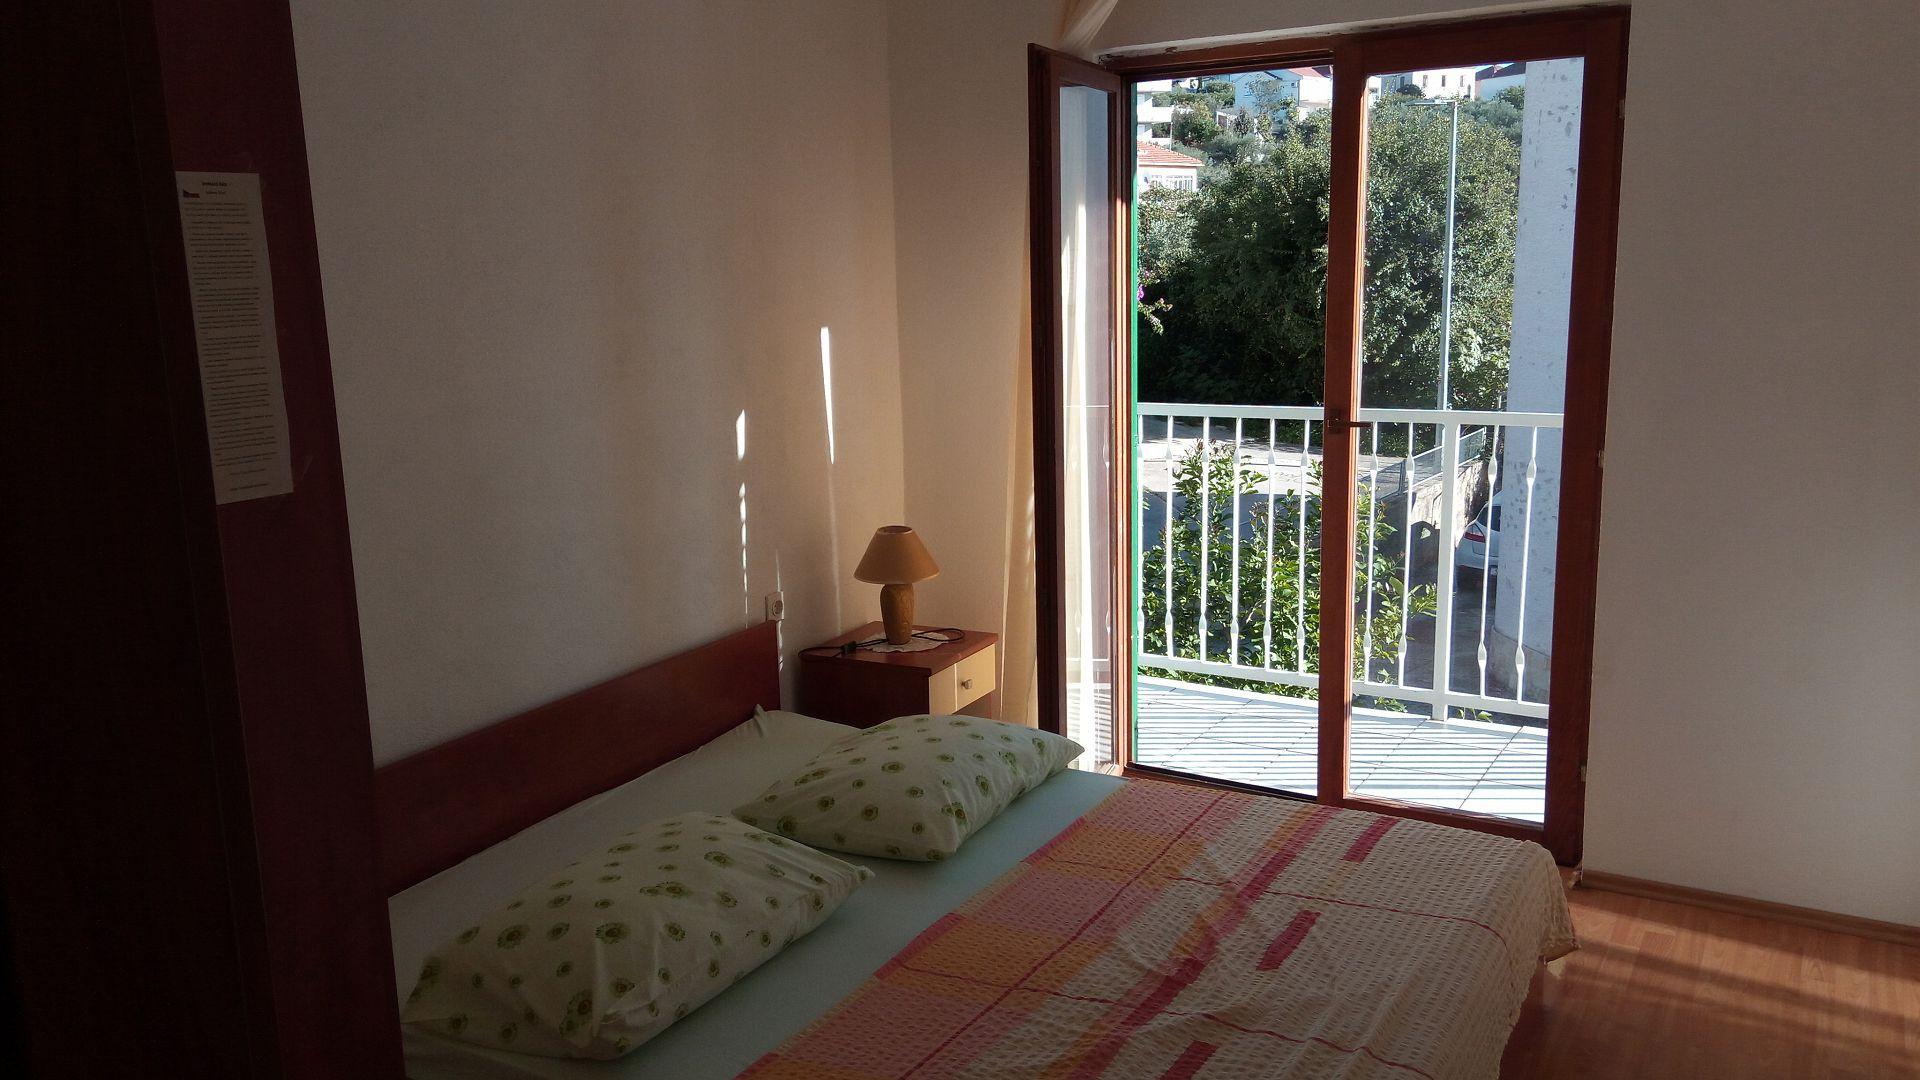 Marijica - Okrug Gornji - Ferienwohnungen Kroatien - A1(6): Schlafzimmer